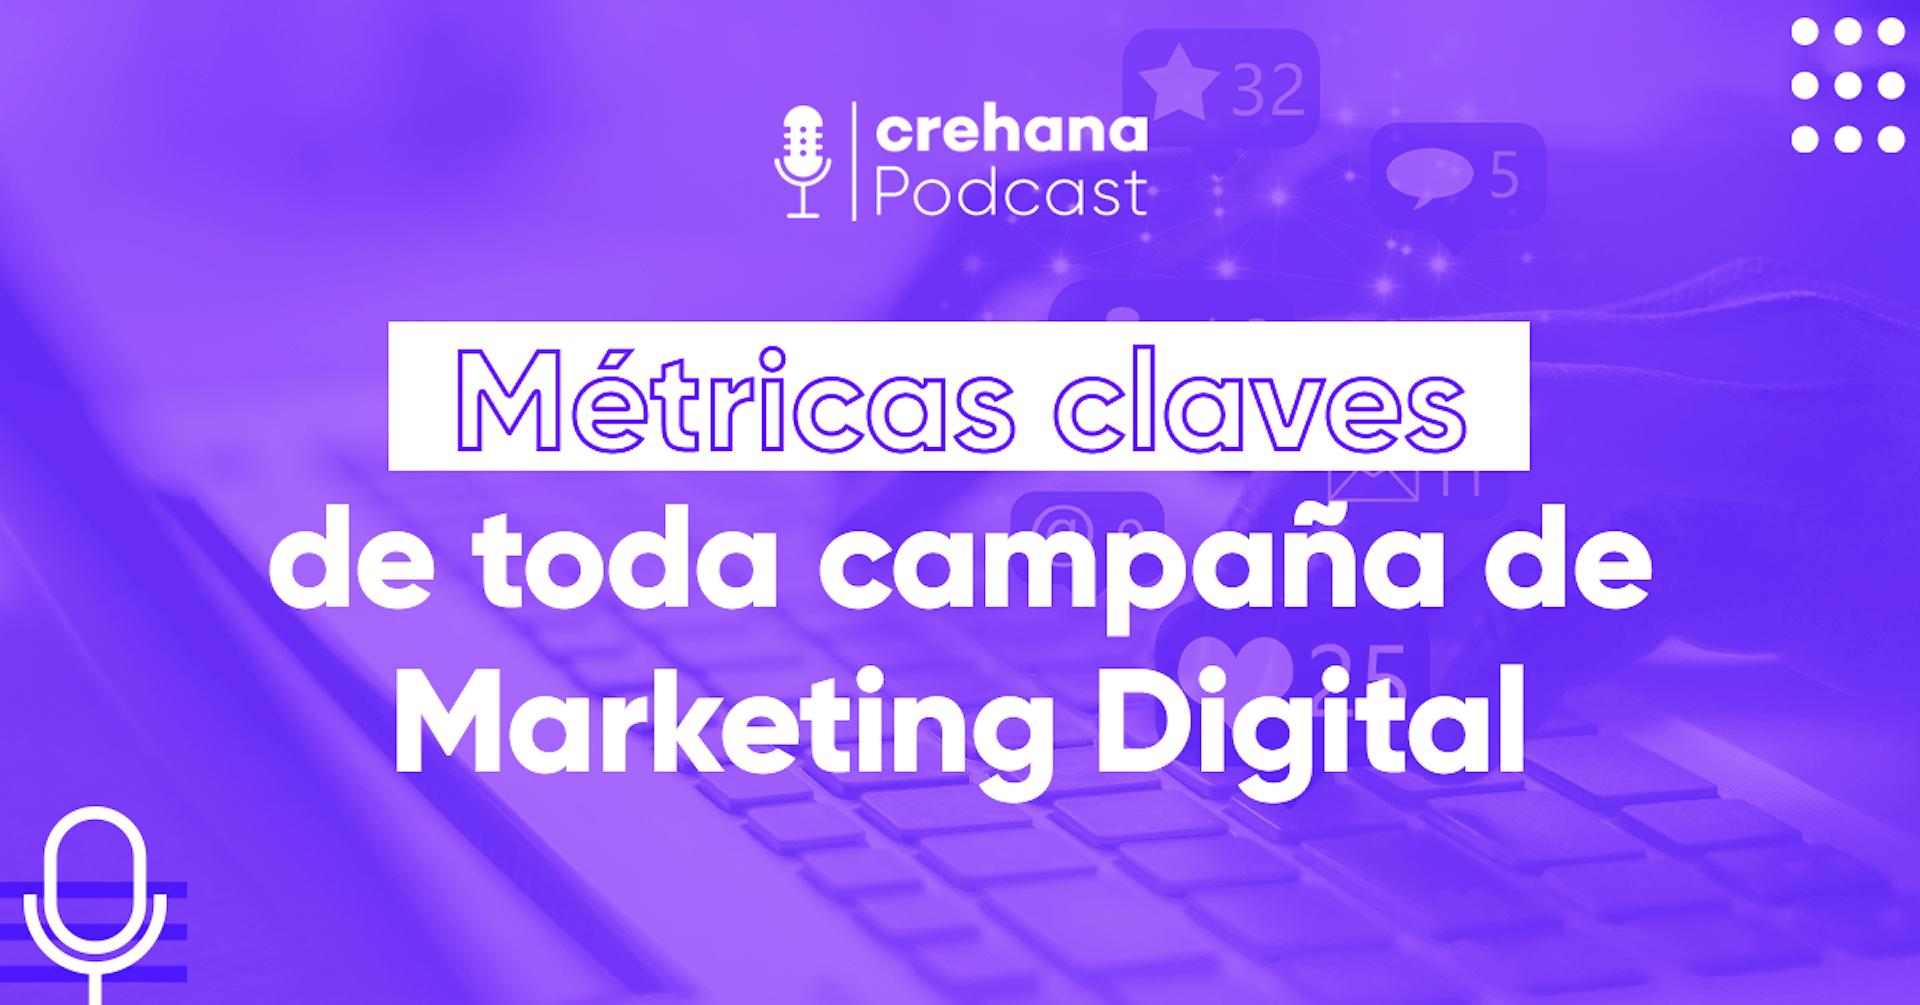 Crehana Podcast: Métricas de toda campaña de Marketing Digital